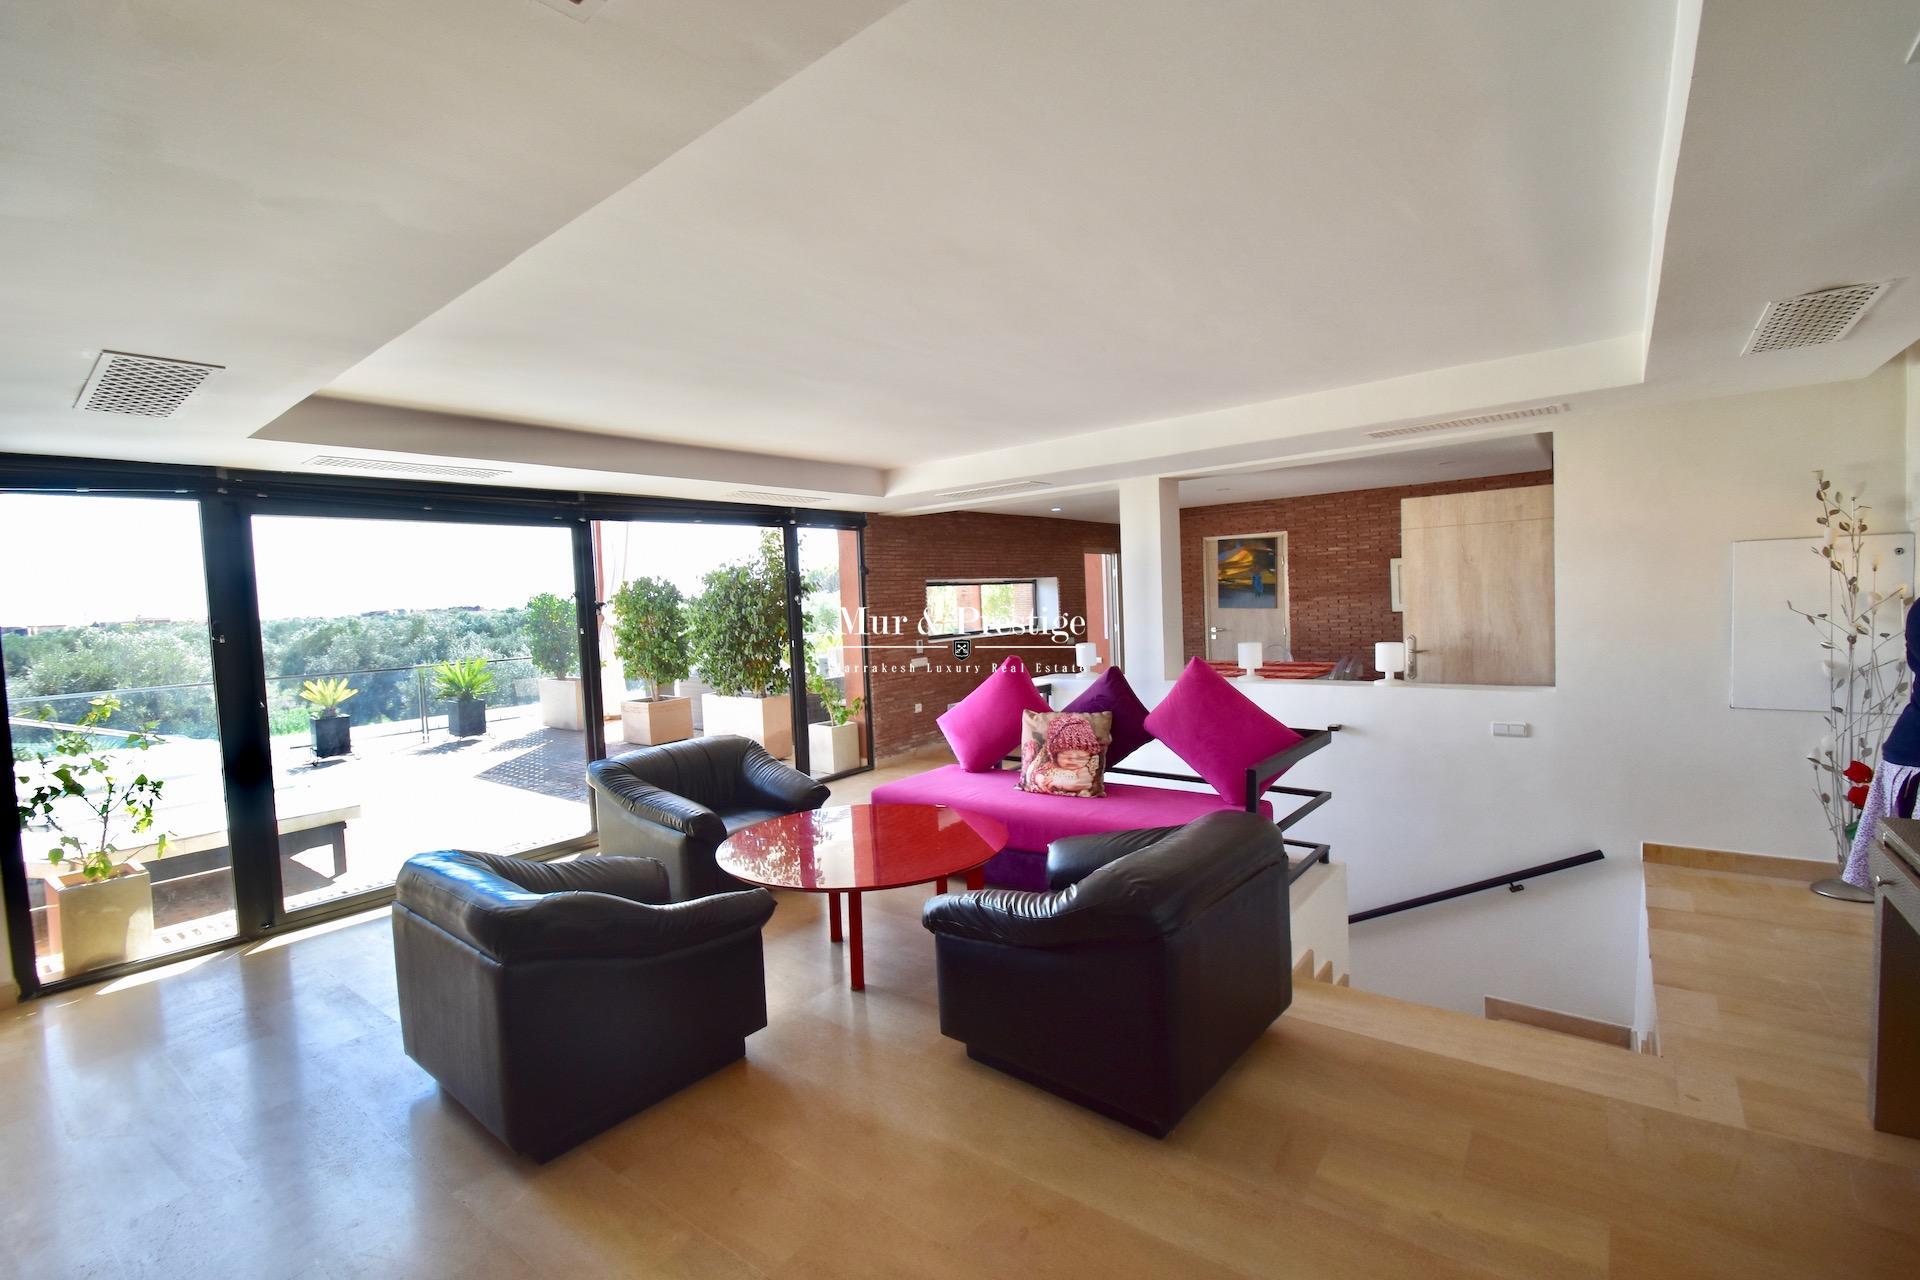 Maison moderne à louer au Golf Amelkis à Marrakech - copie